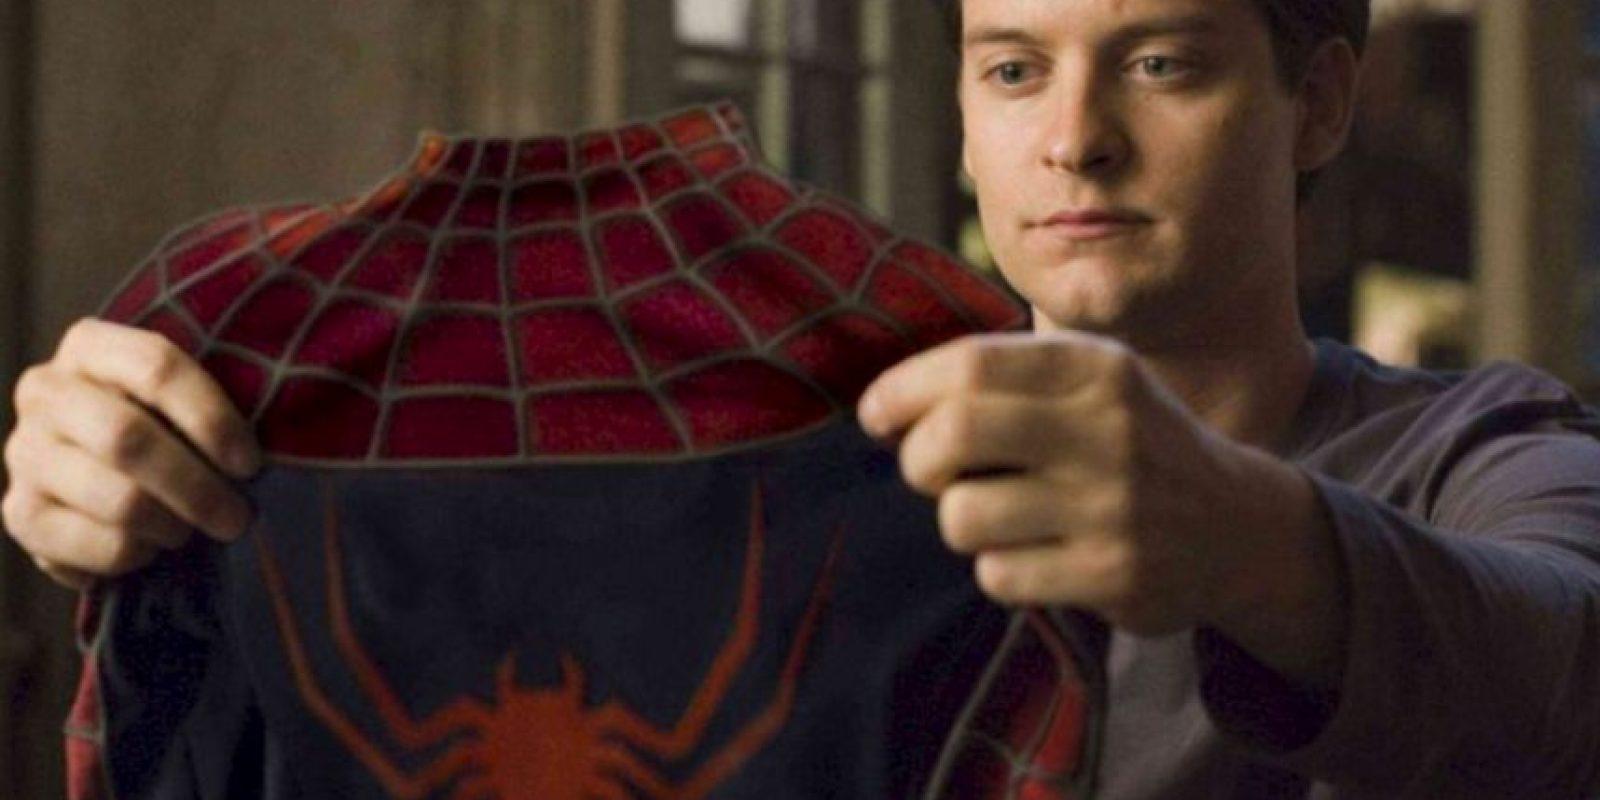 Siendo amigo y colega de Leonardo DiCaprio, compartía las mismas inquietudes artísticas. Foto:Fox